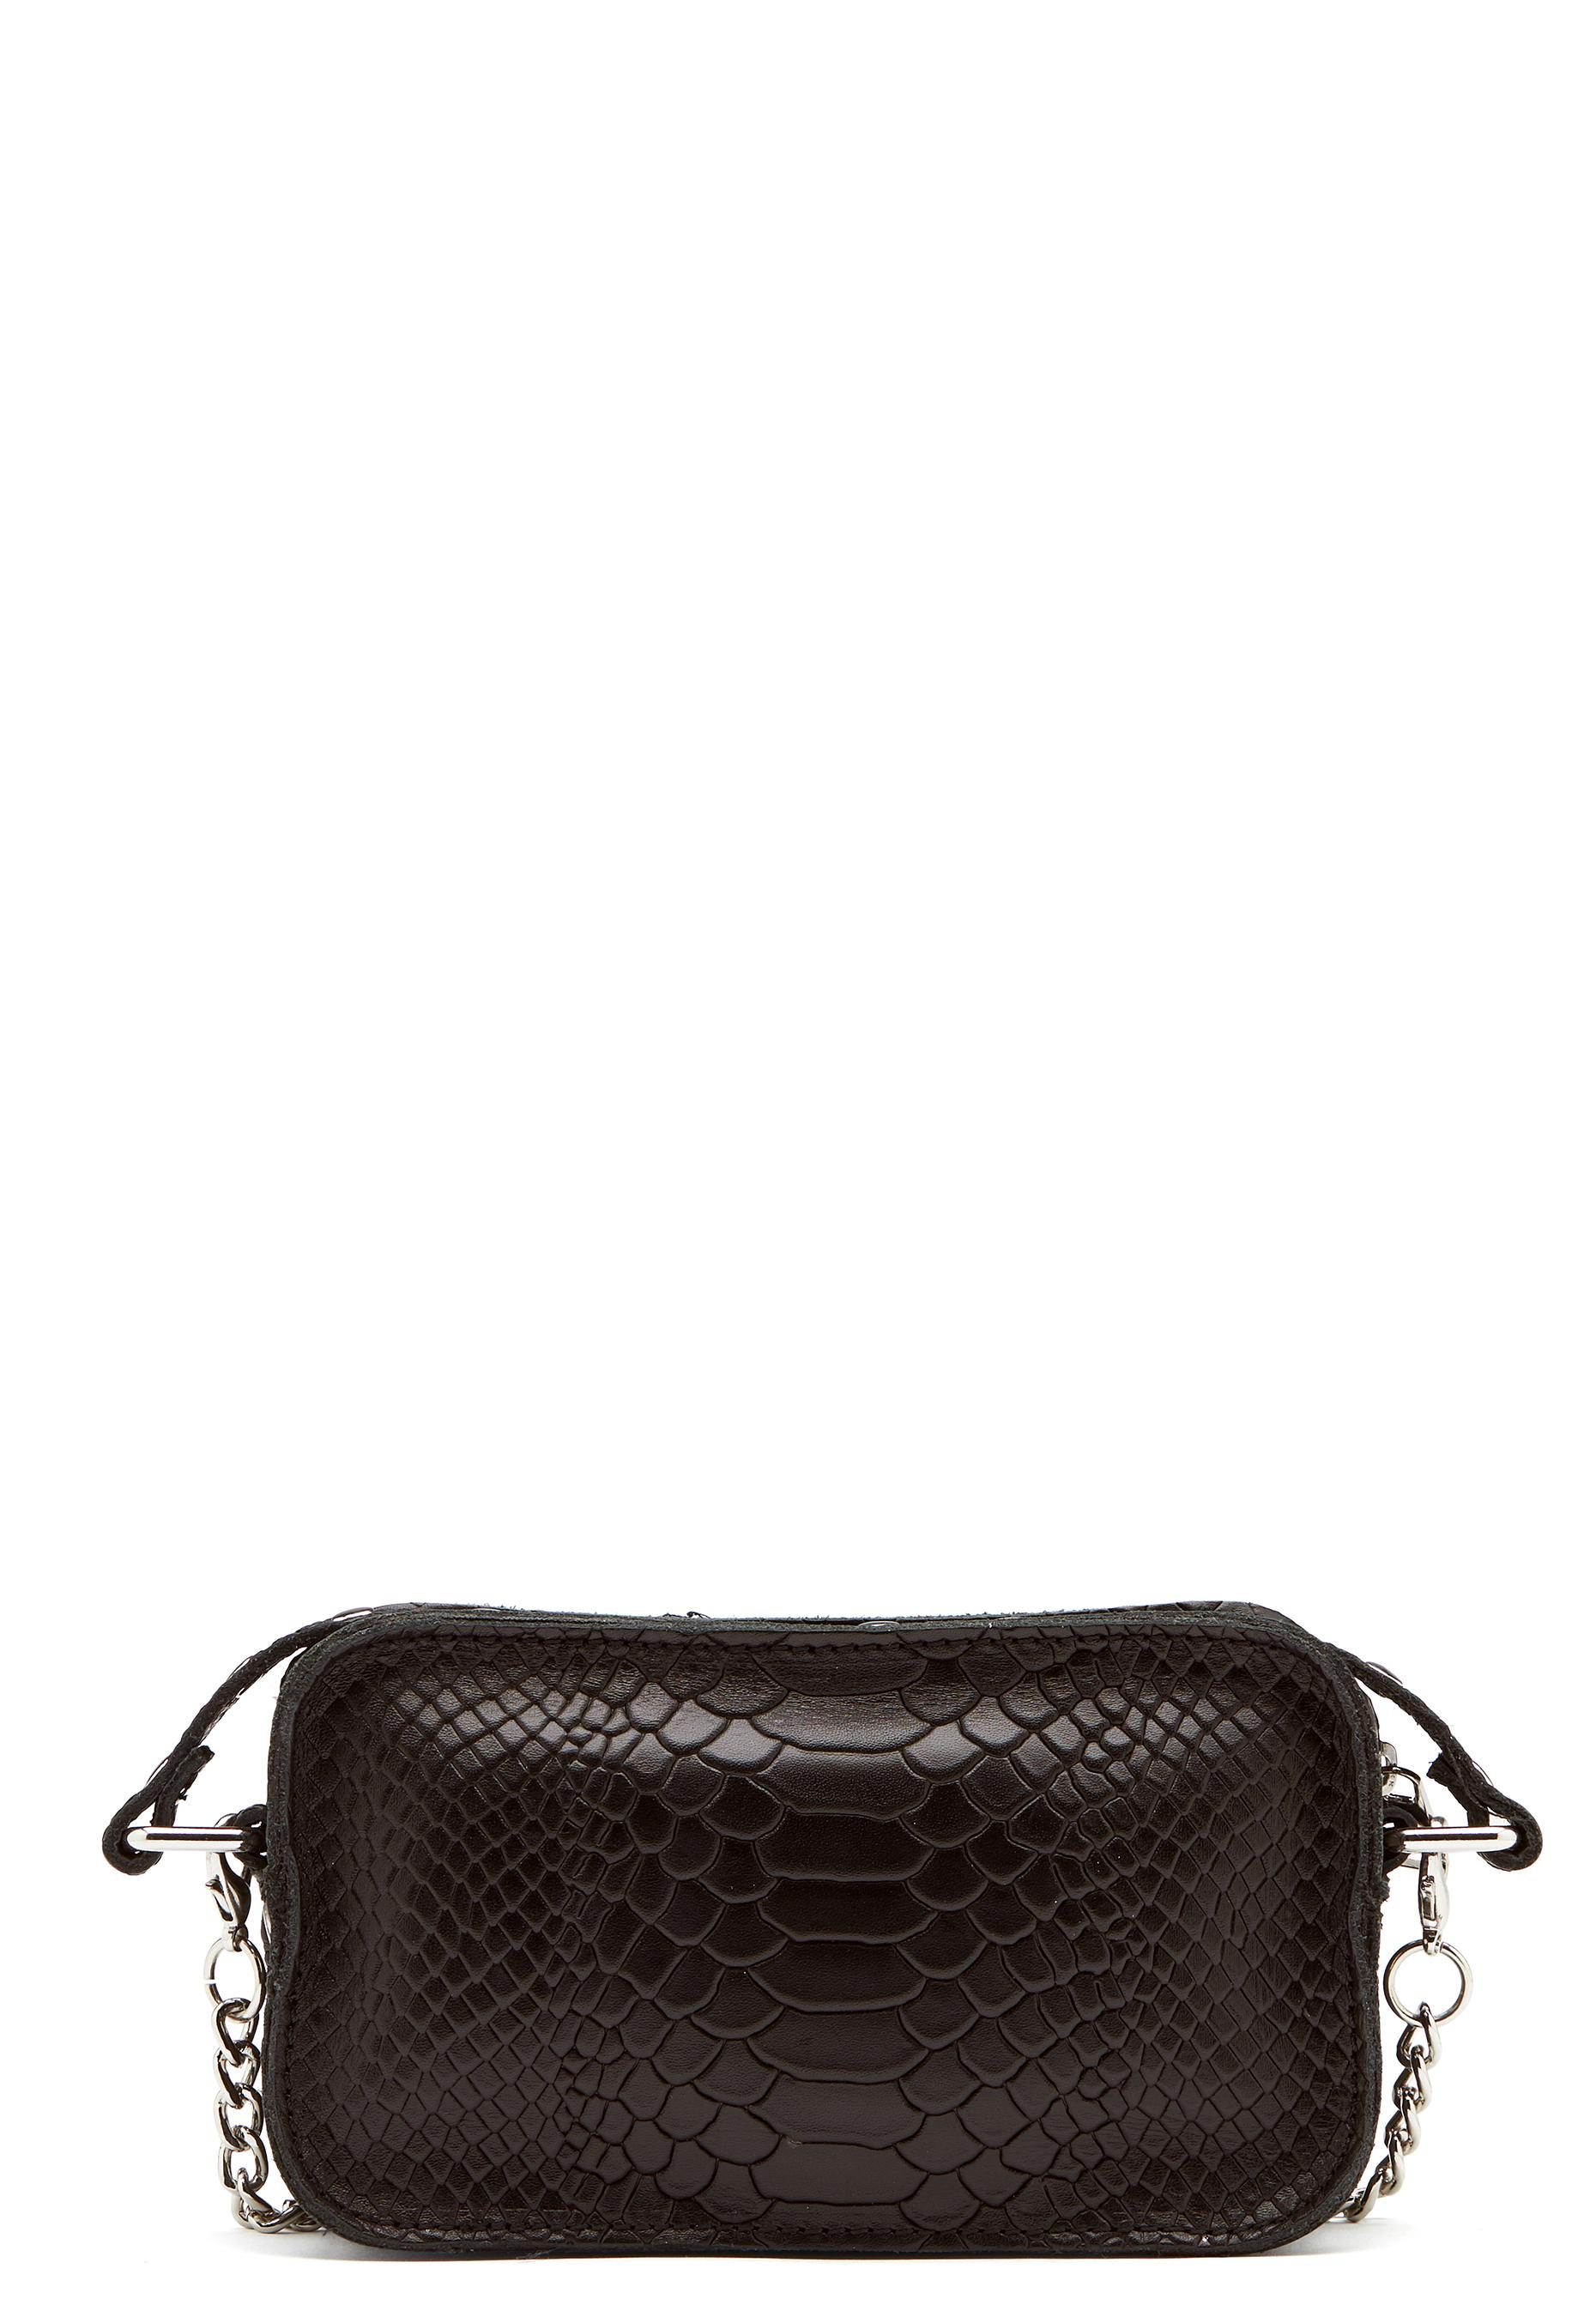 Nunoo Helena Python Bag Black Bubbleroom